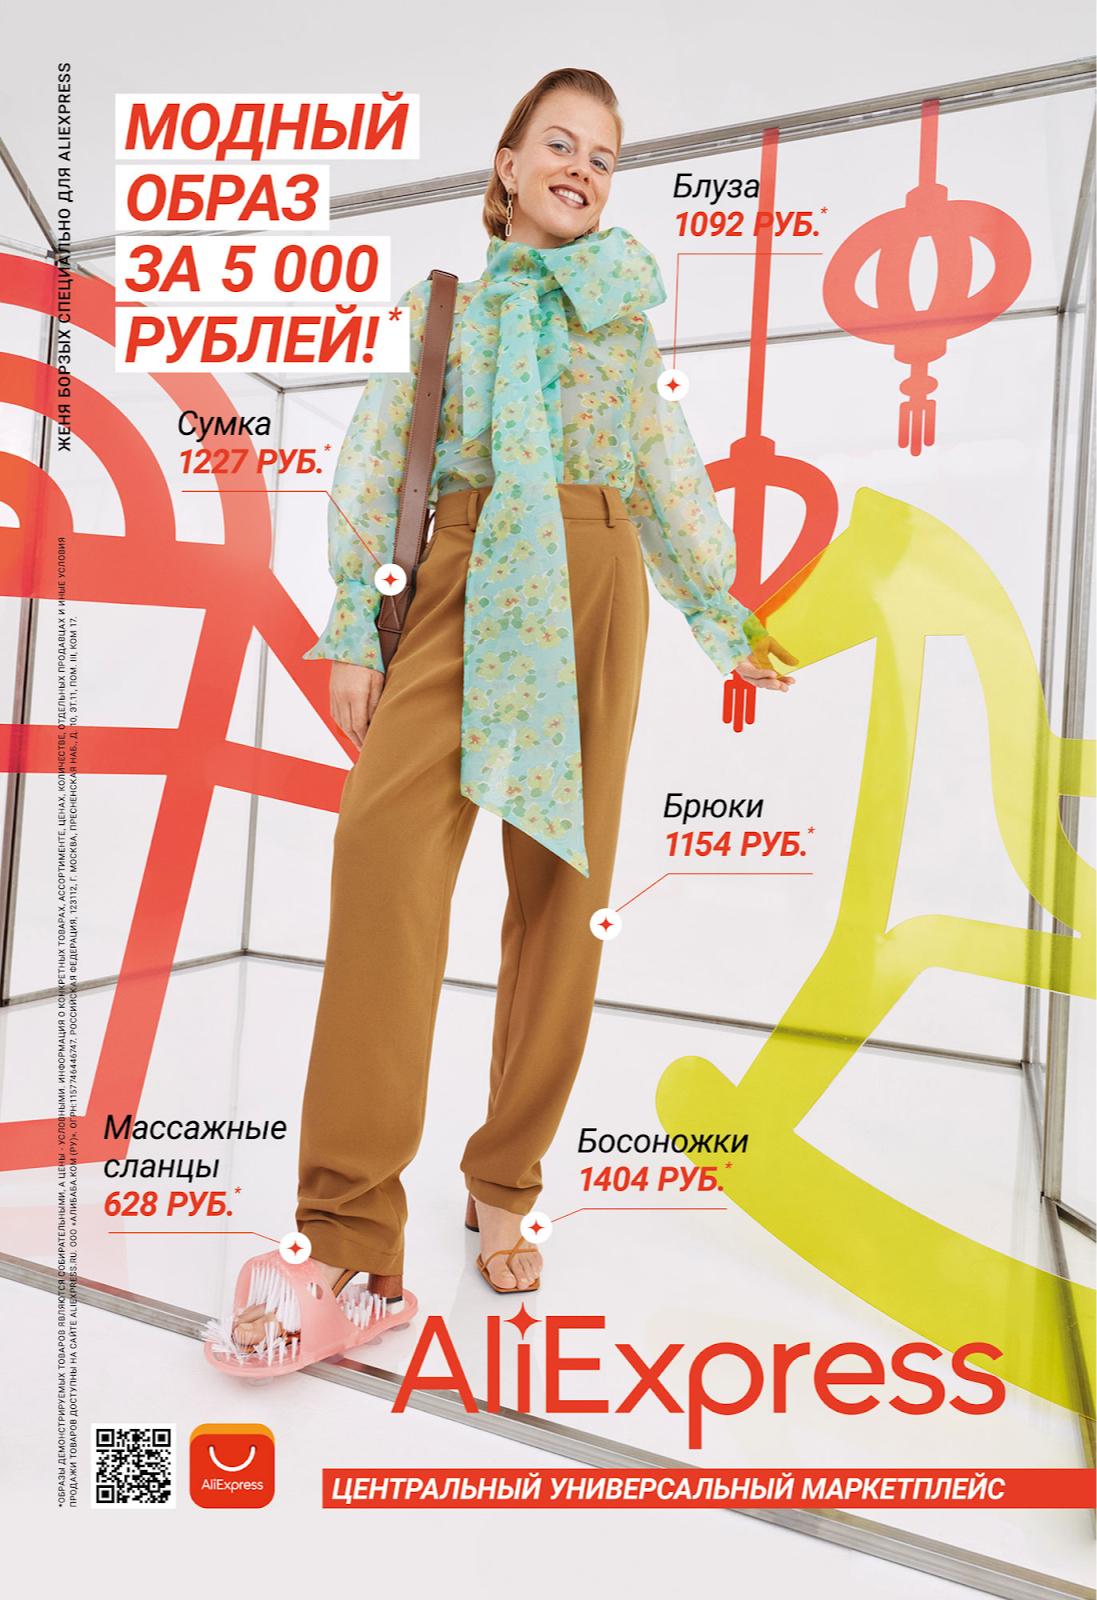 Кадр из рекламной кампании AliExpress Россия с участием Евгении Борзых